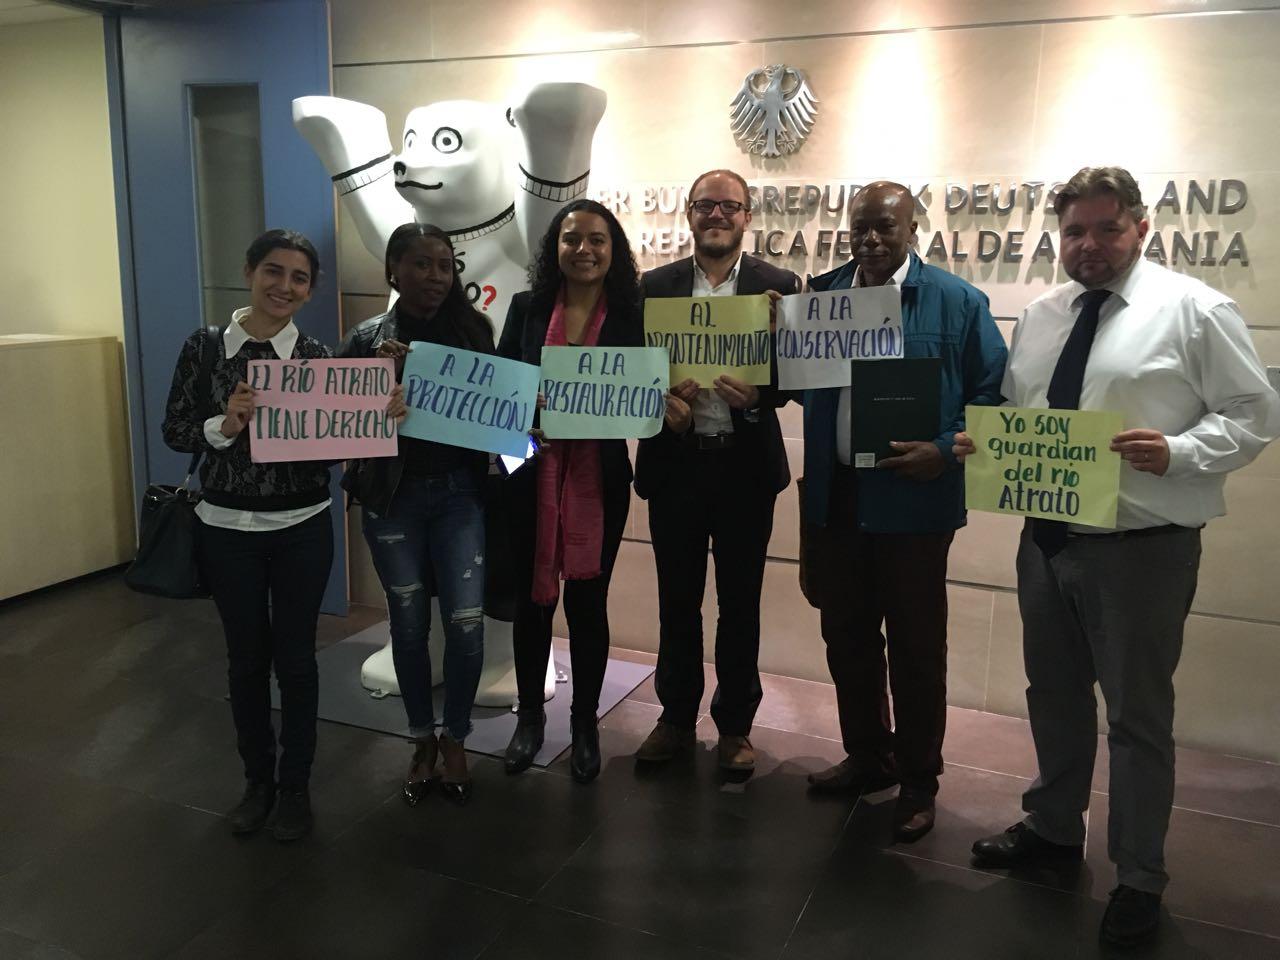 Los 'Guardianes del Atrato' en la Embajada de Alemania - Twitter: Tierra Digna